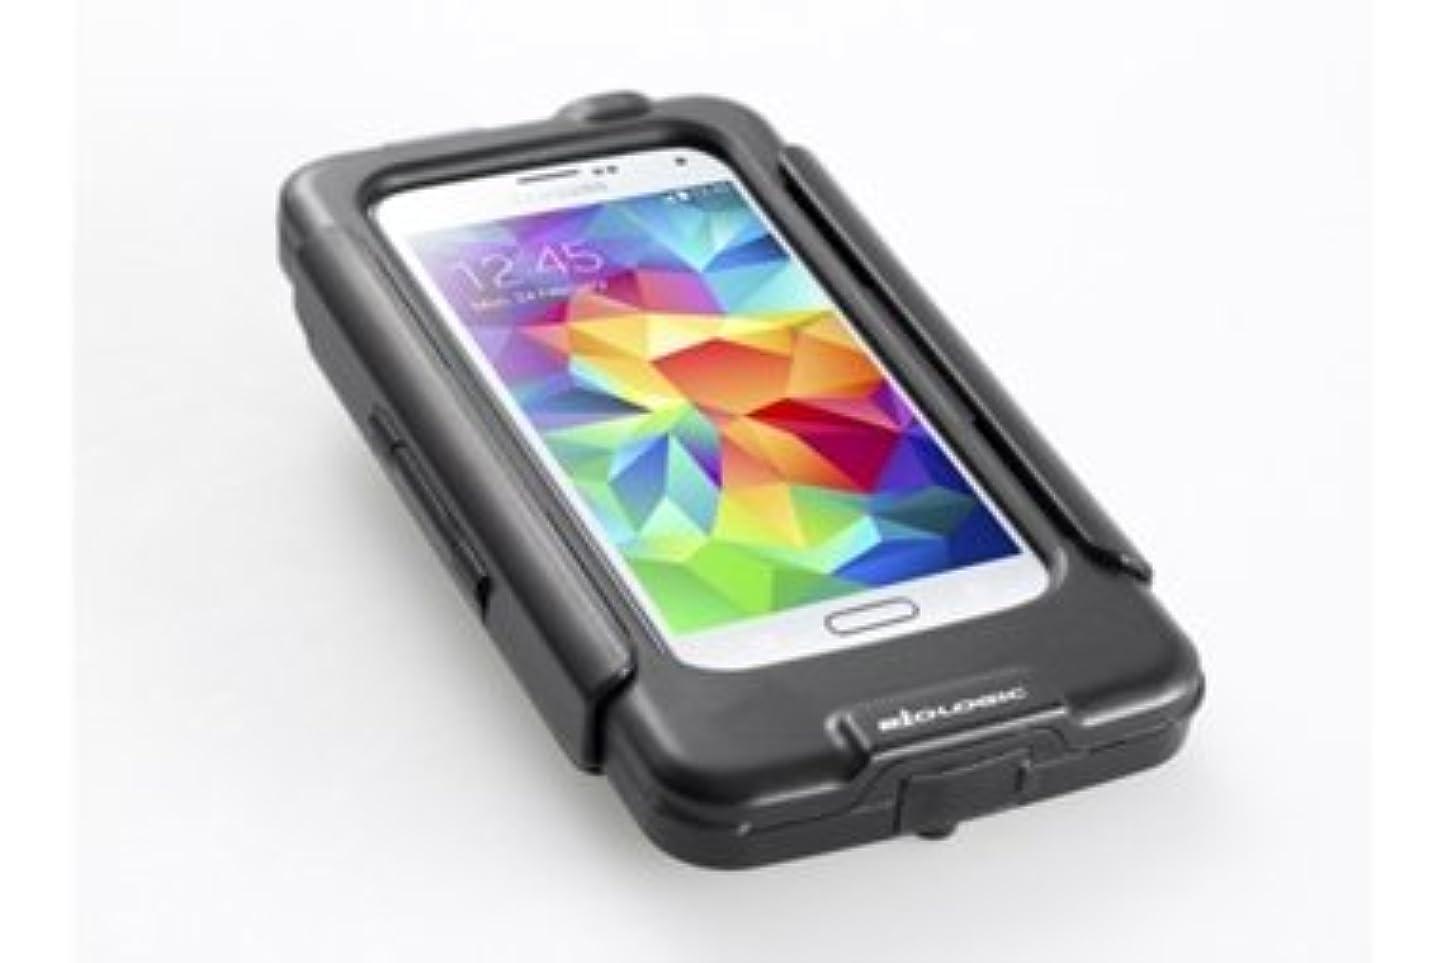 倍増サーマル電極SW-MOTECH: Samsung Galaxy S5用ハードケース Splashproof Black GPS マウント専用 [並行輸入品]